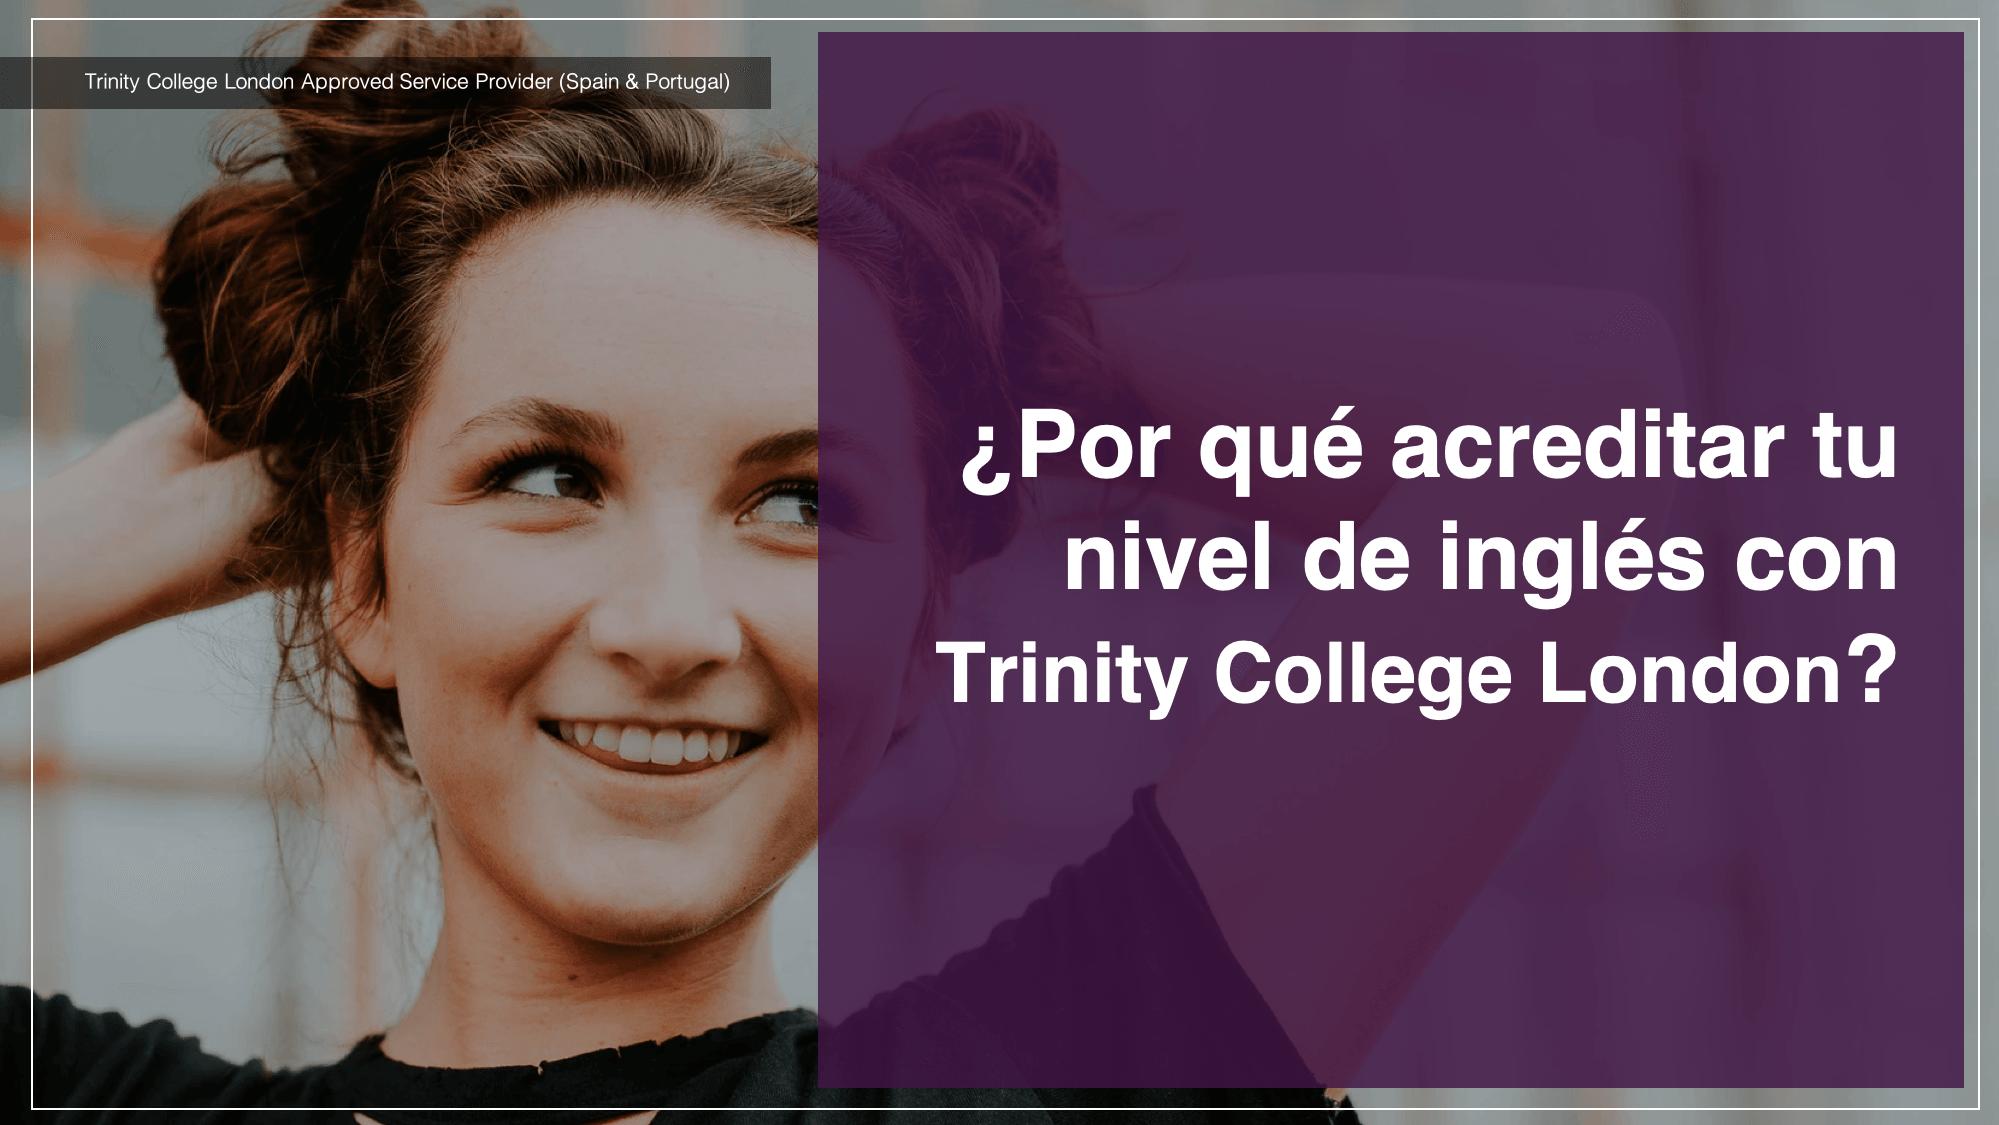 ¿Por qué acreditar tu nivel de inglés con  Trinity College London?